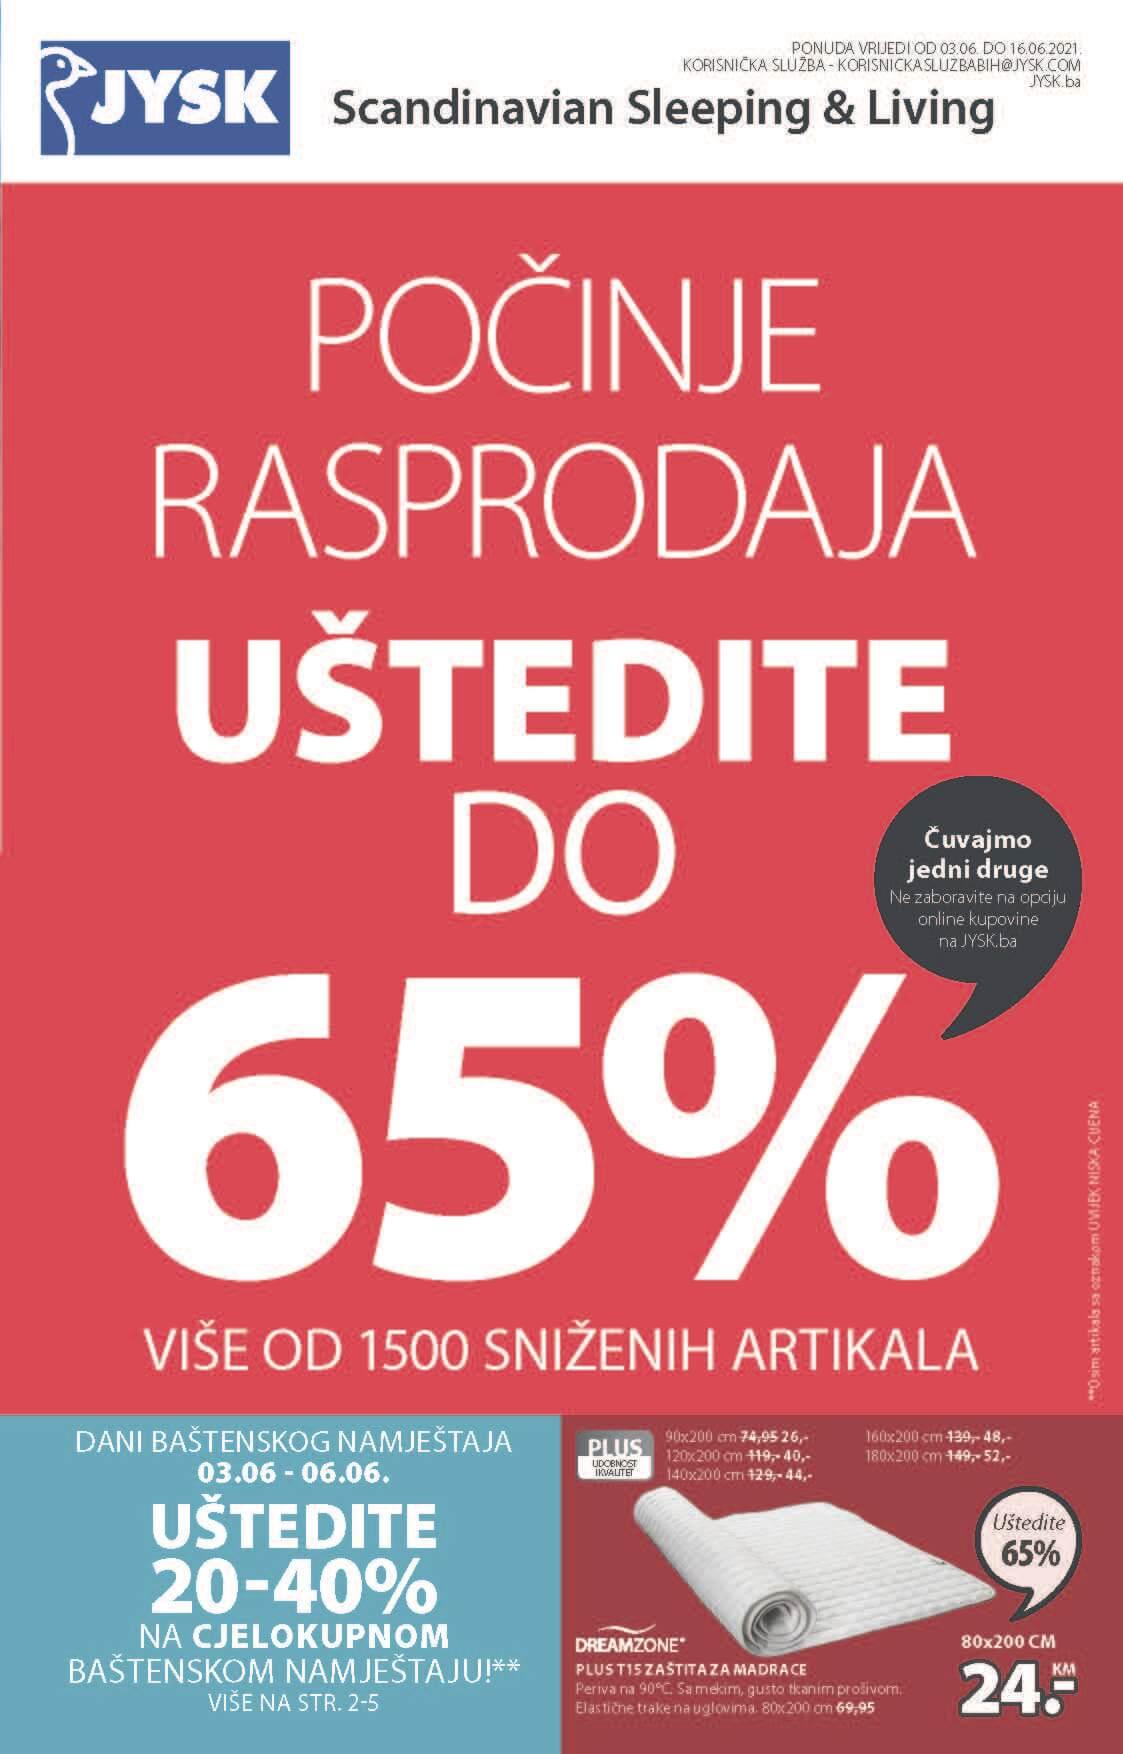 JYSK Katalog Akcijska rasprodaja JUN 2021 03.06. 16.06 eKatalozi.com PR Page 02